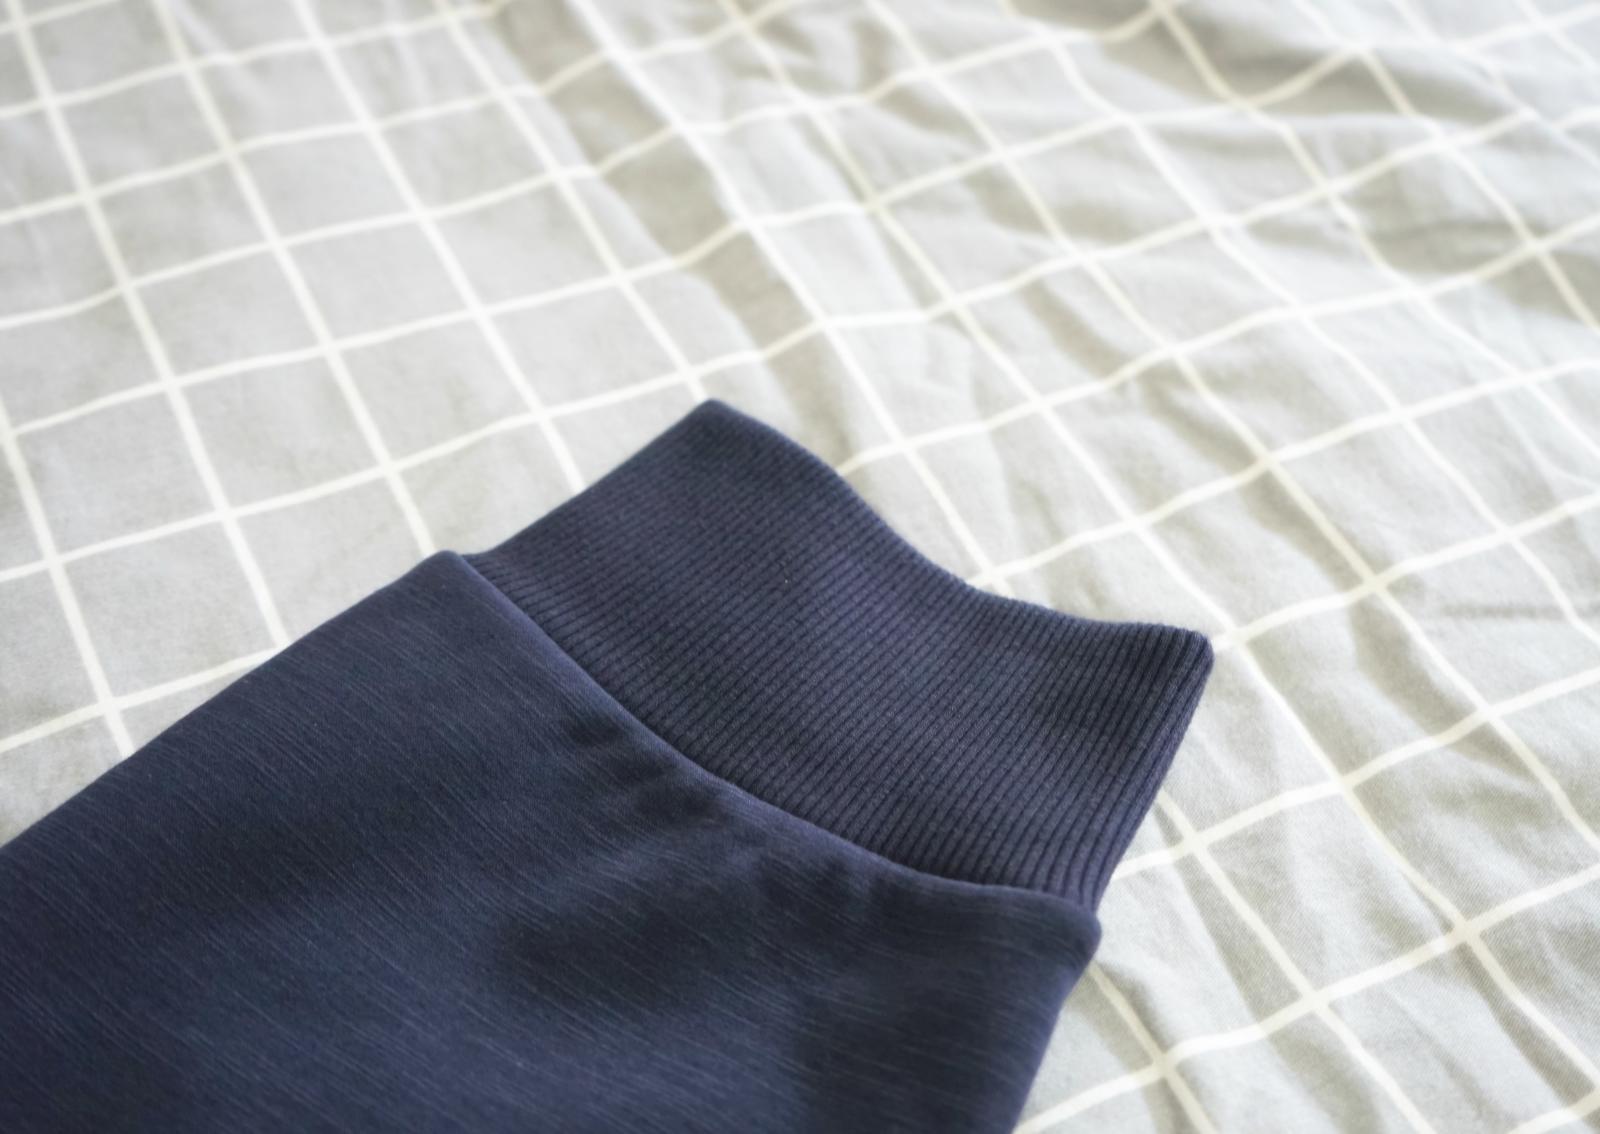 冬天不再怕冷!90分男子加绒保暖卫裤穿搭在身,依然潇洒如初